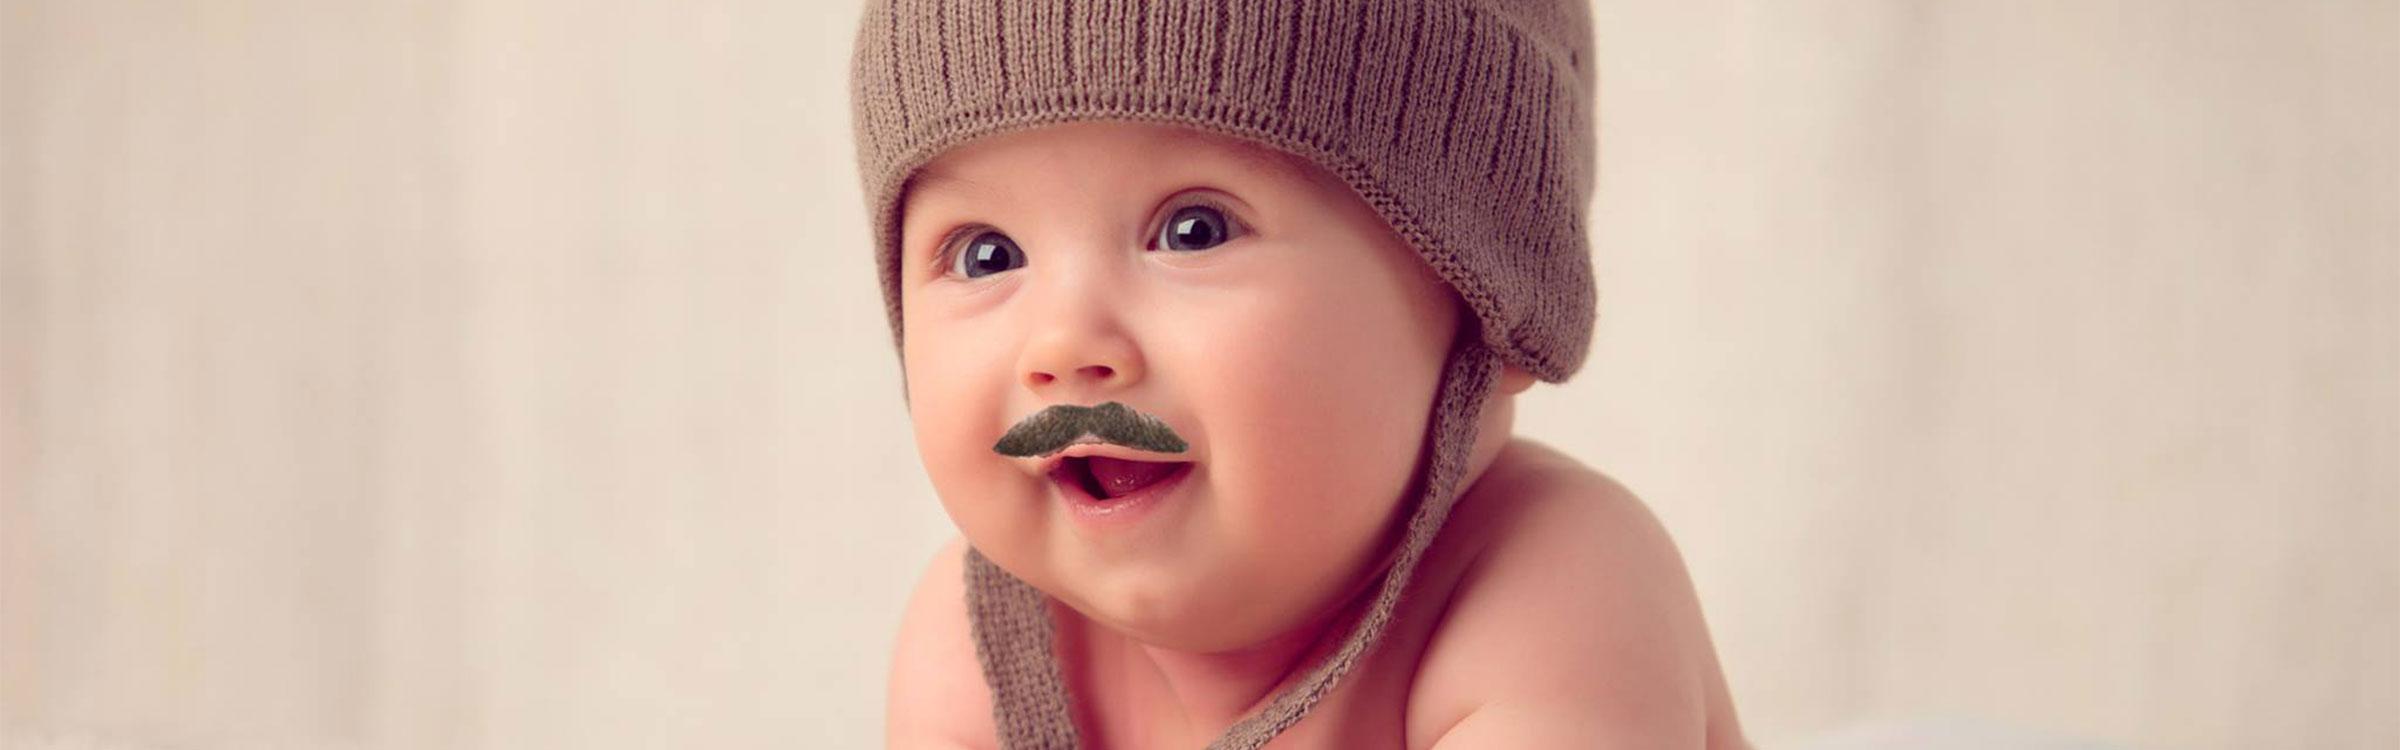 Maarten baby page